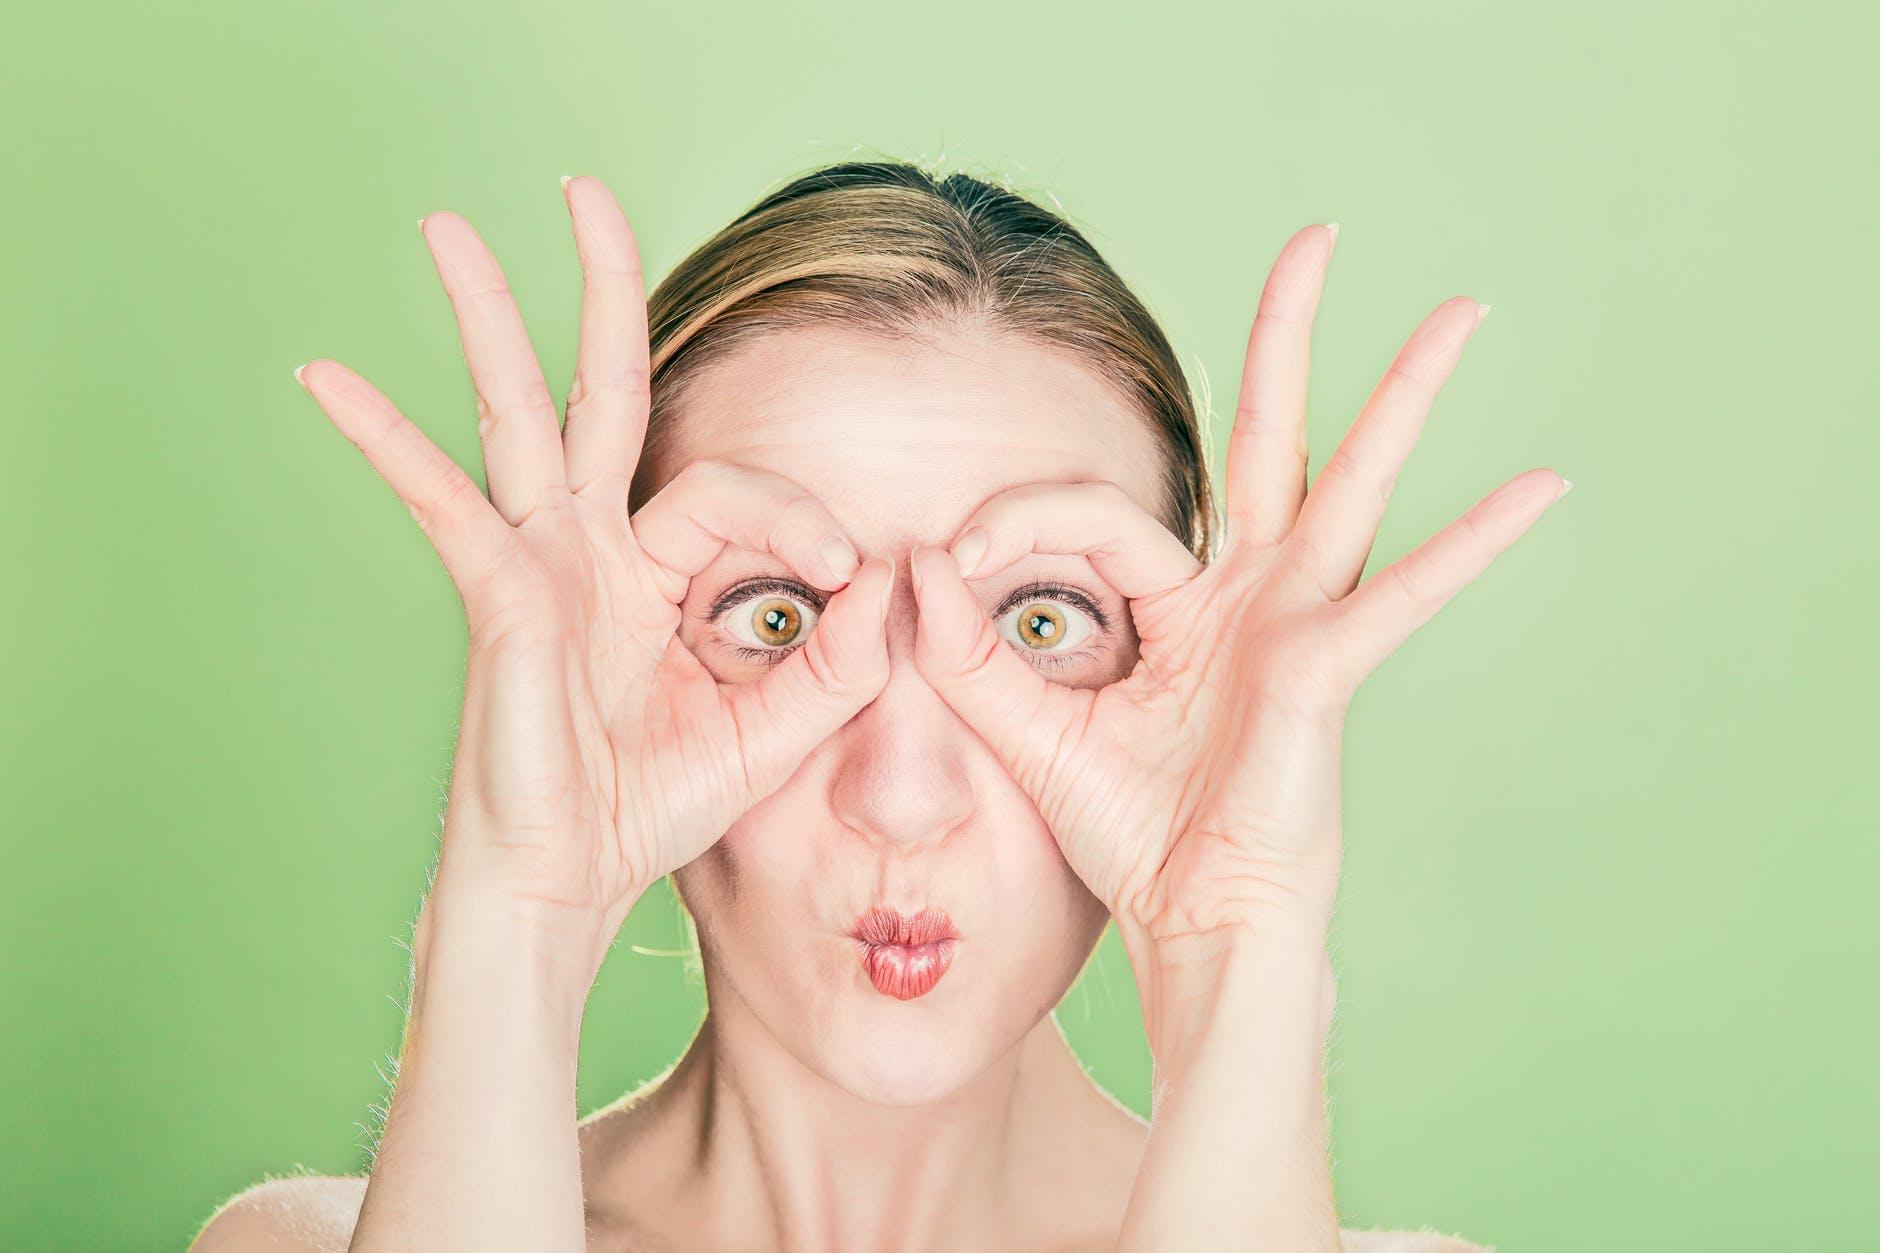 આંખોમાં બળતરા કે ડ્રાયનેસની તકલીફમાં દવા લેવાને બદલે આ ઘરેલુ નુસખા ટ્રાય કરો, નુકસાન થવાના કોઈ ચાન્સ નહીં રહે|હેલ્થ,Health - Divya Bhaskar